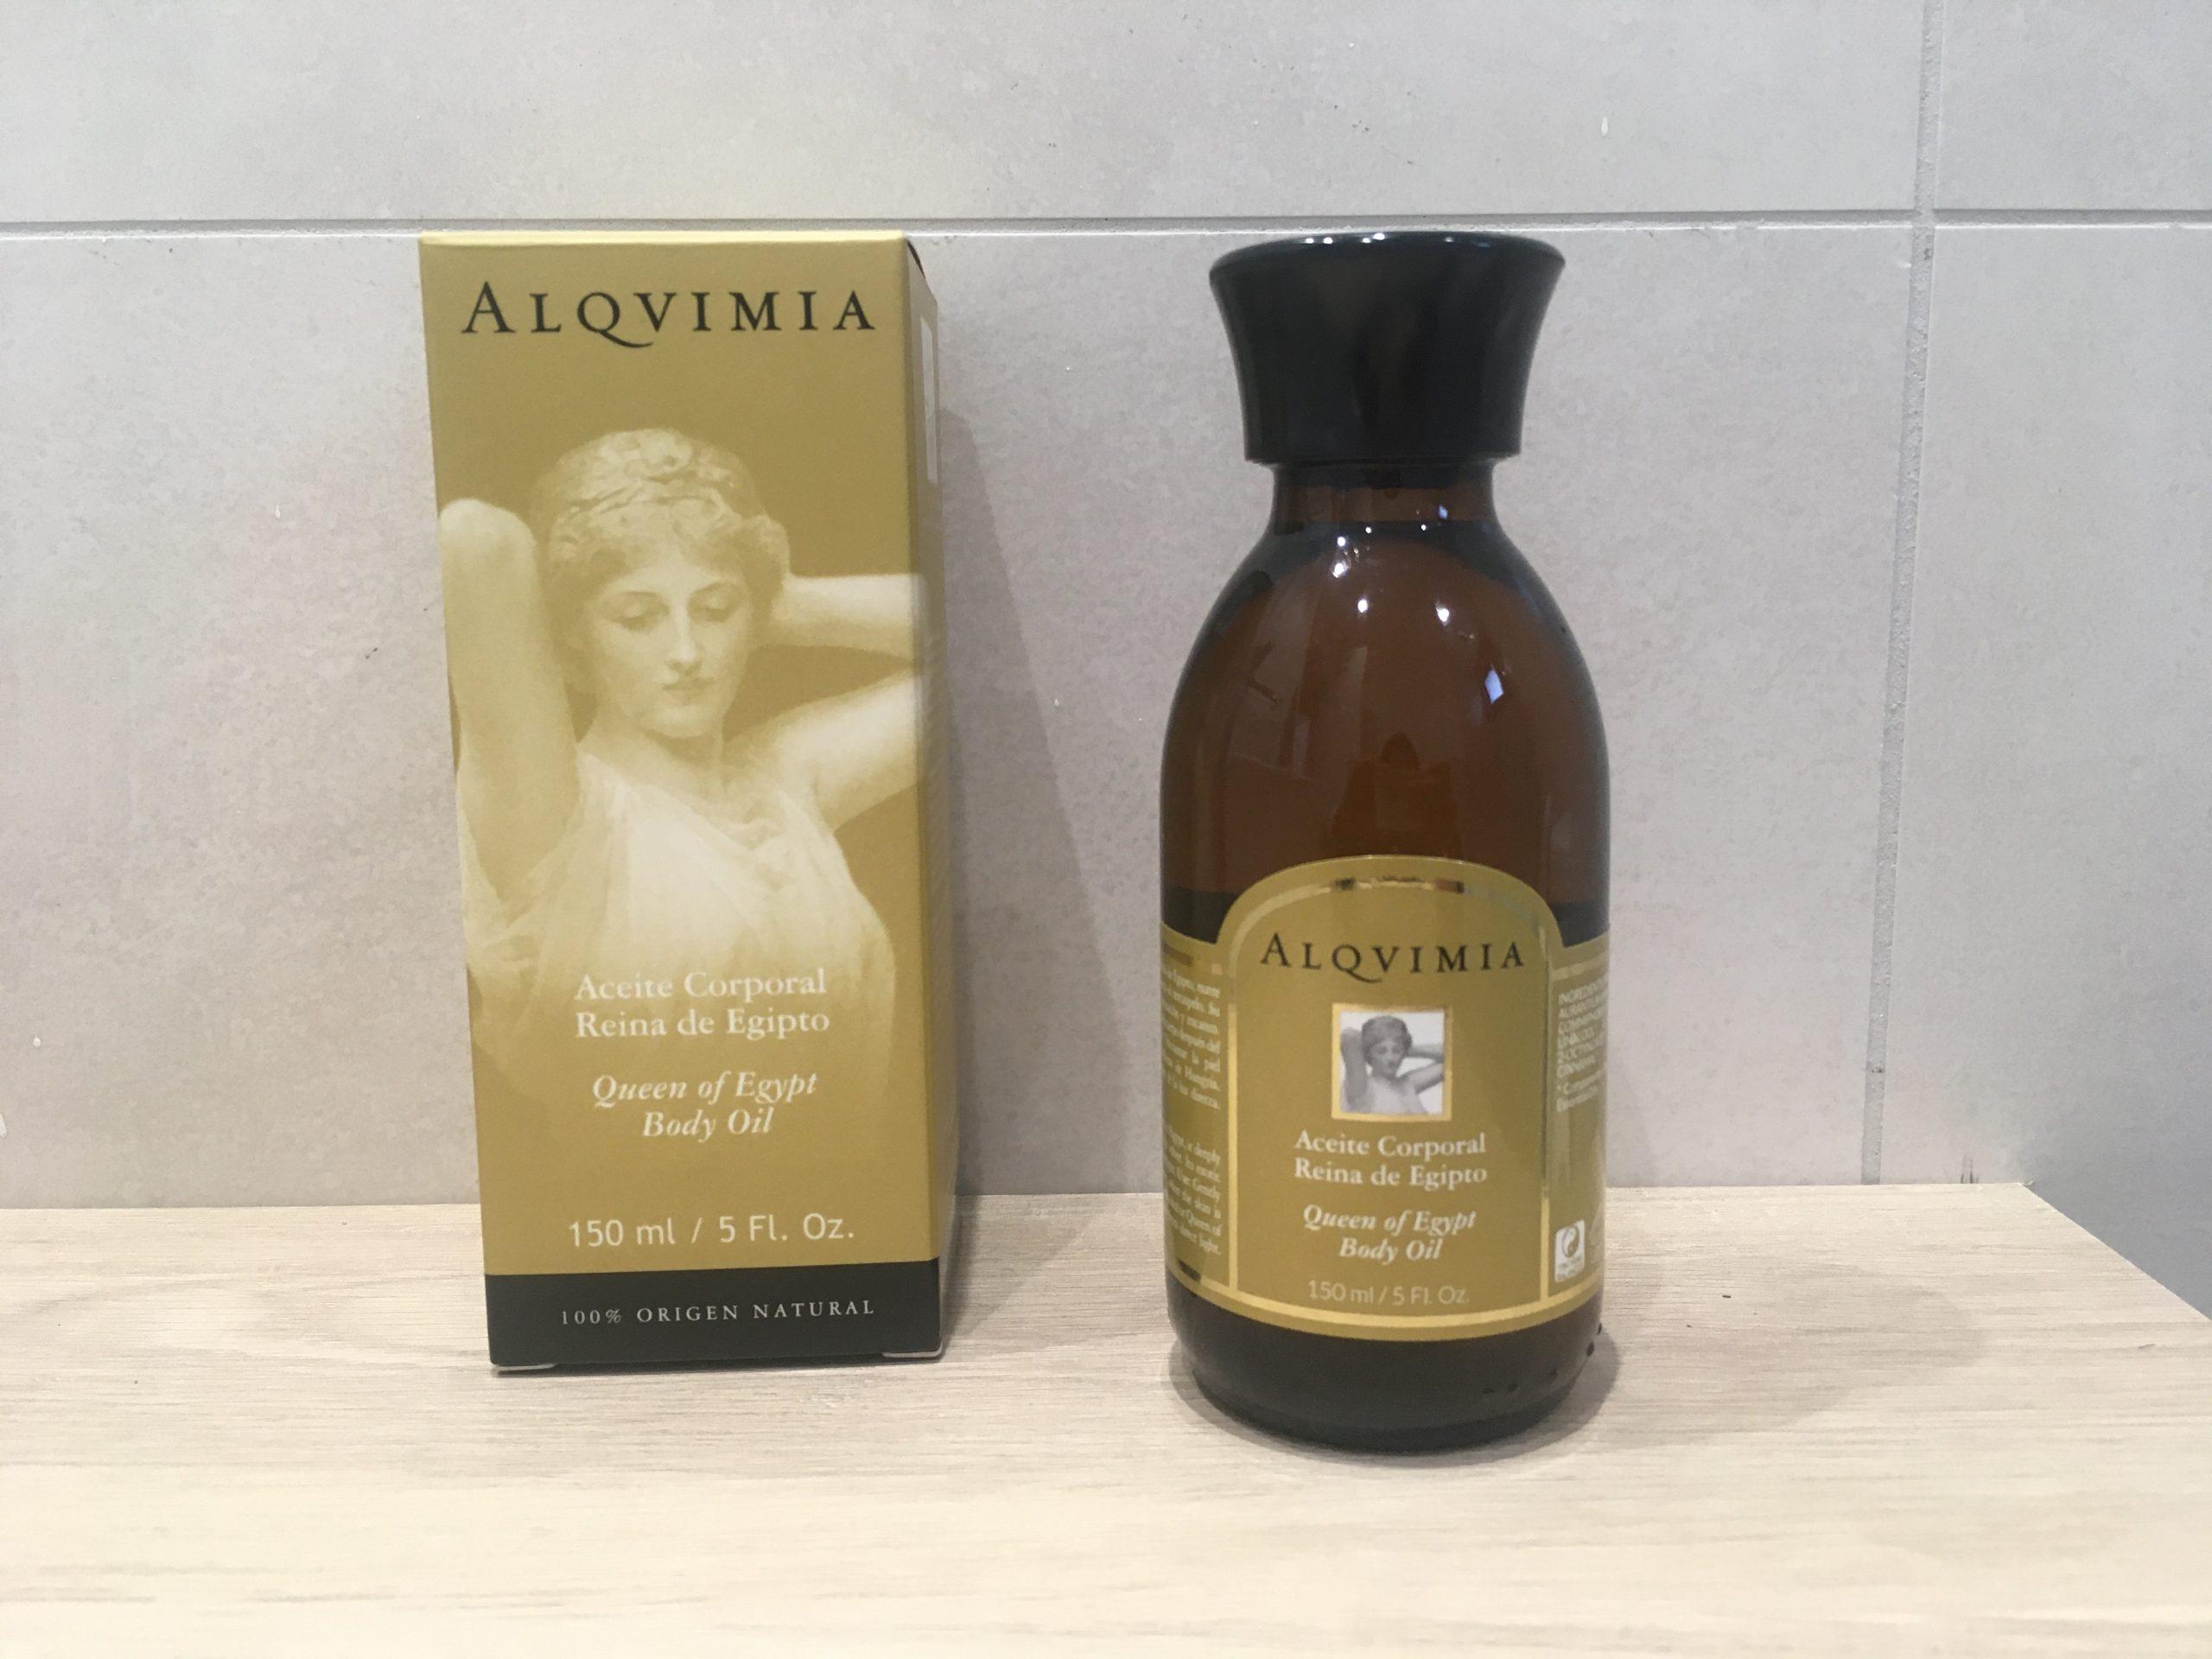 aceite corporal Reina de Egipto de Alqvimia